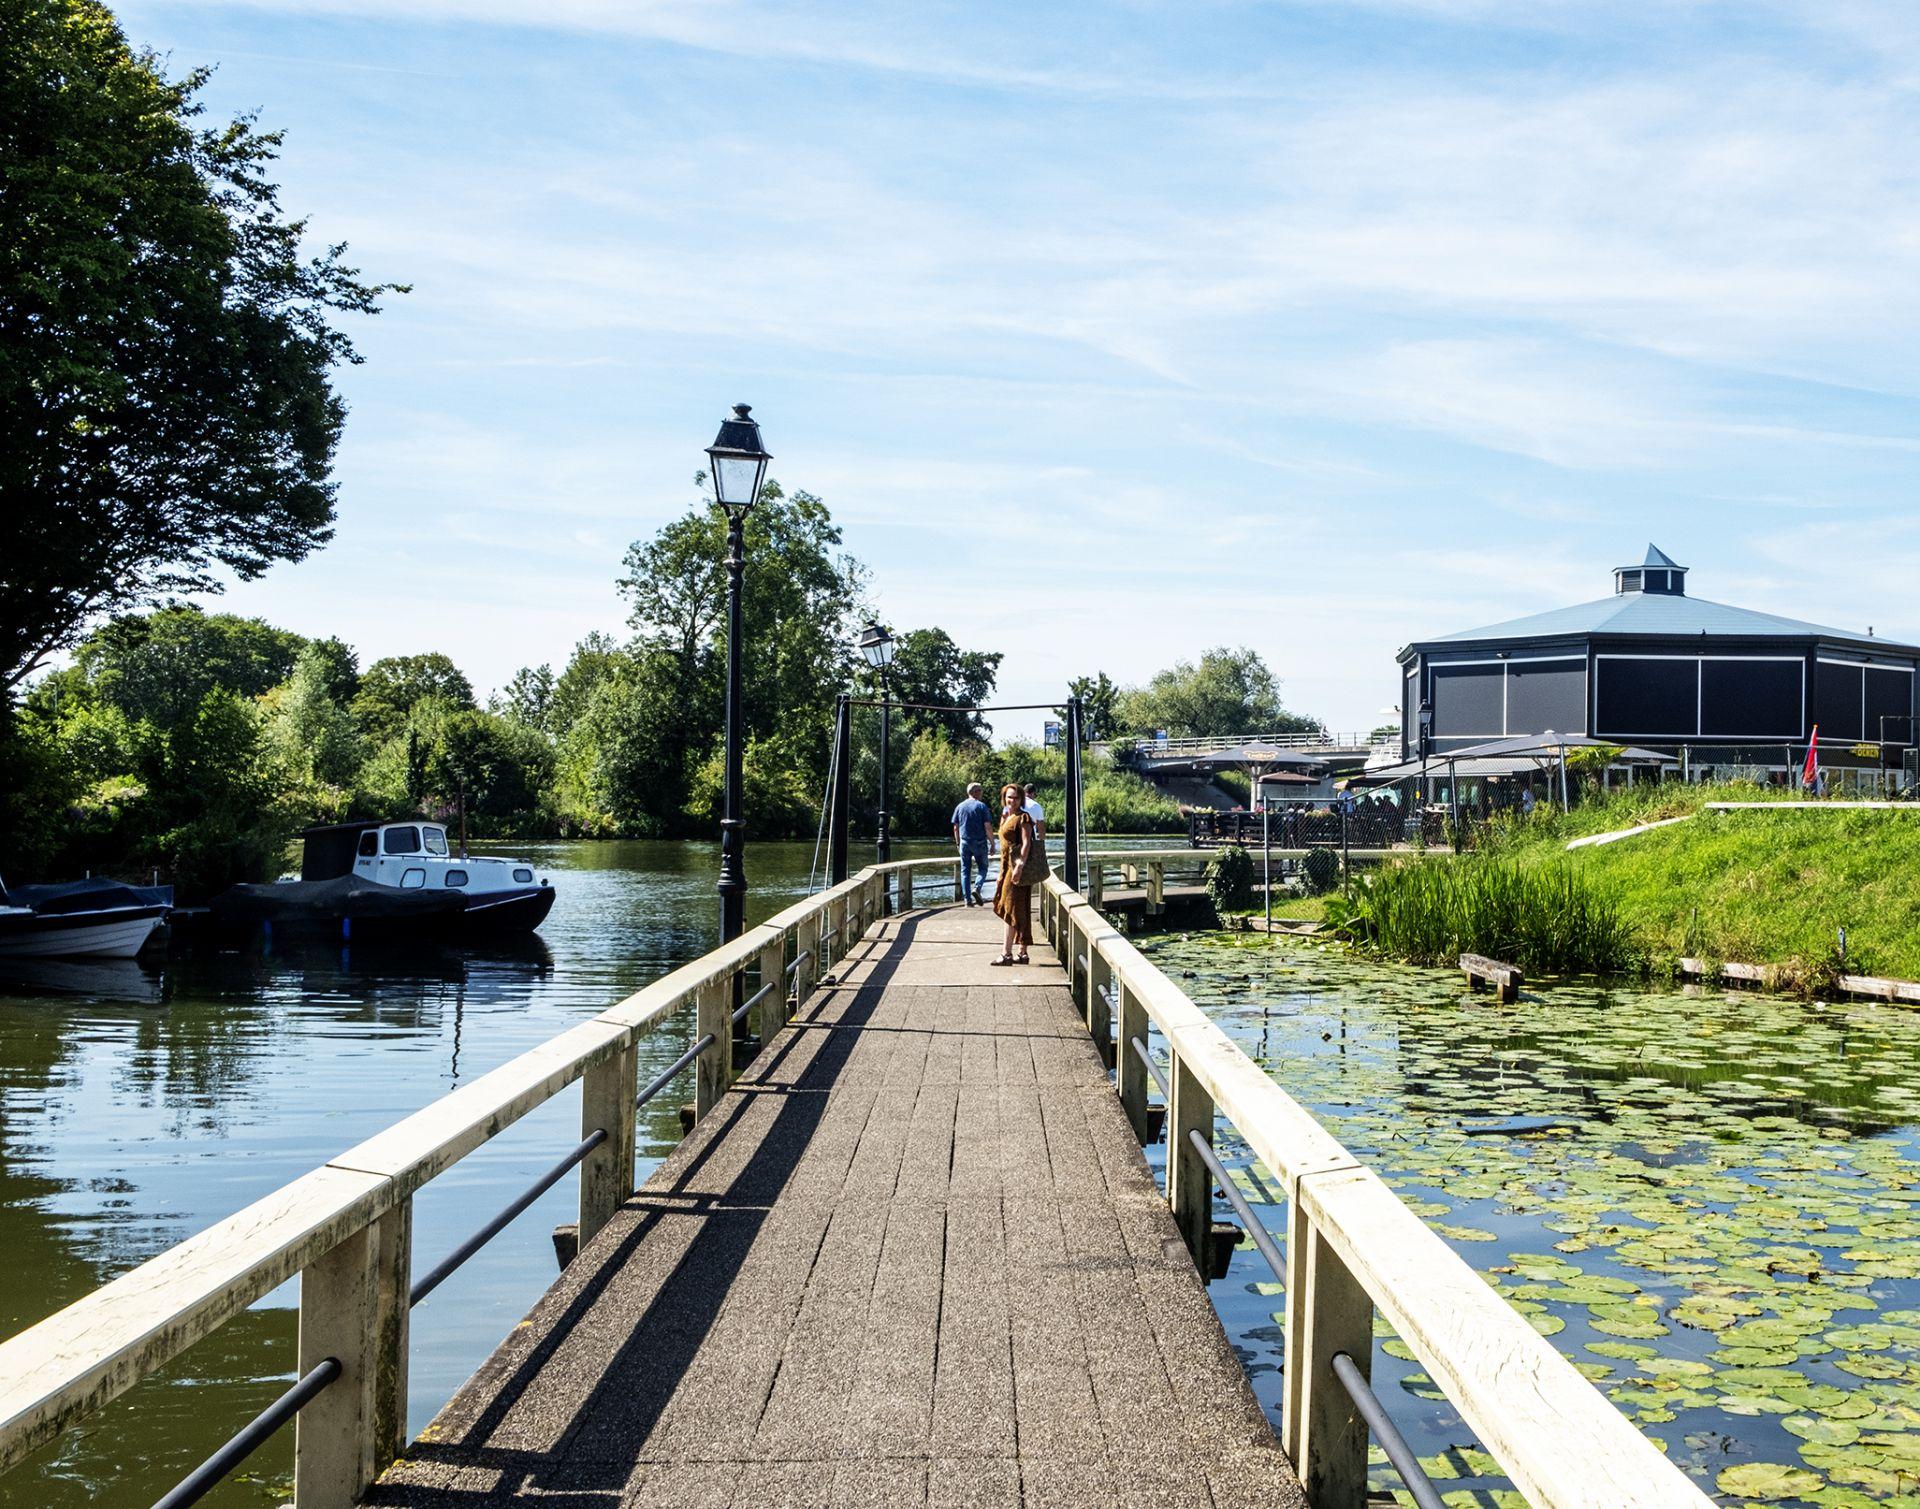 Deze prachtige vestigingsstad ligt centraal in het land aan de rivier de Linge